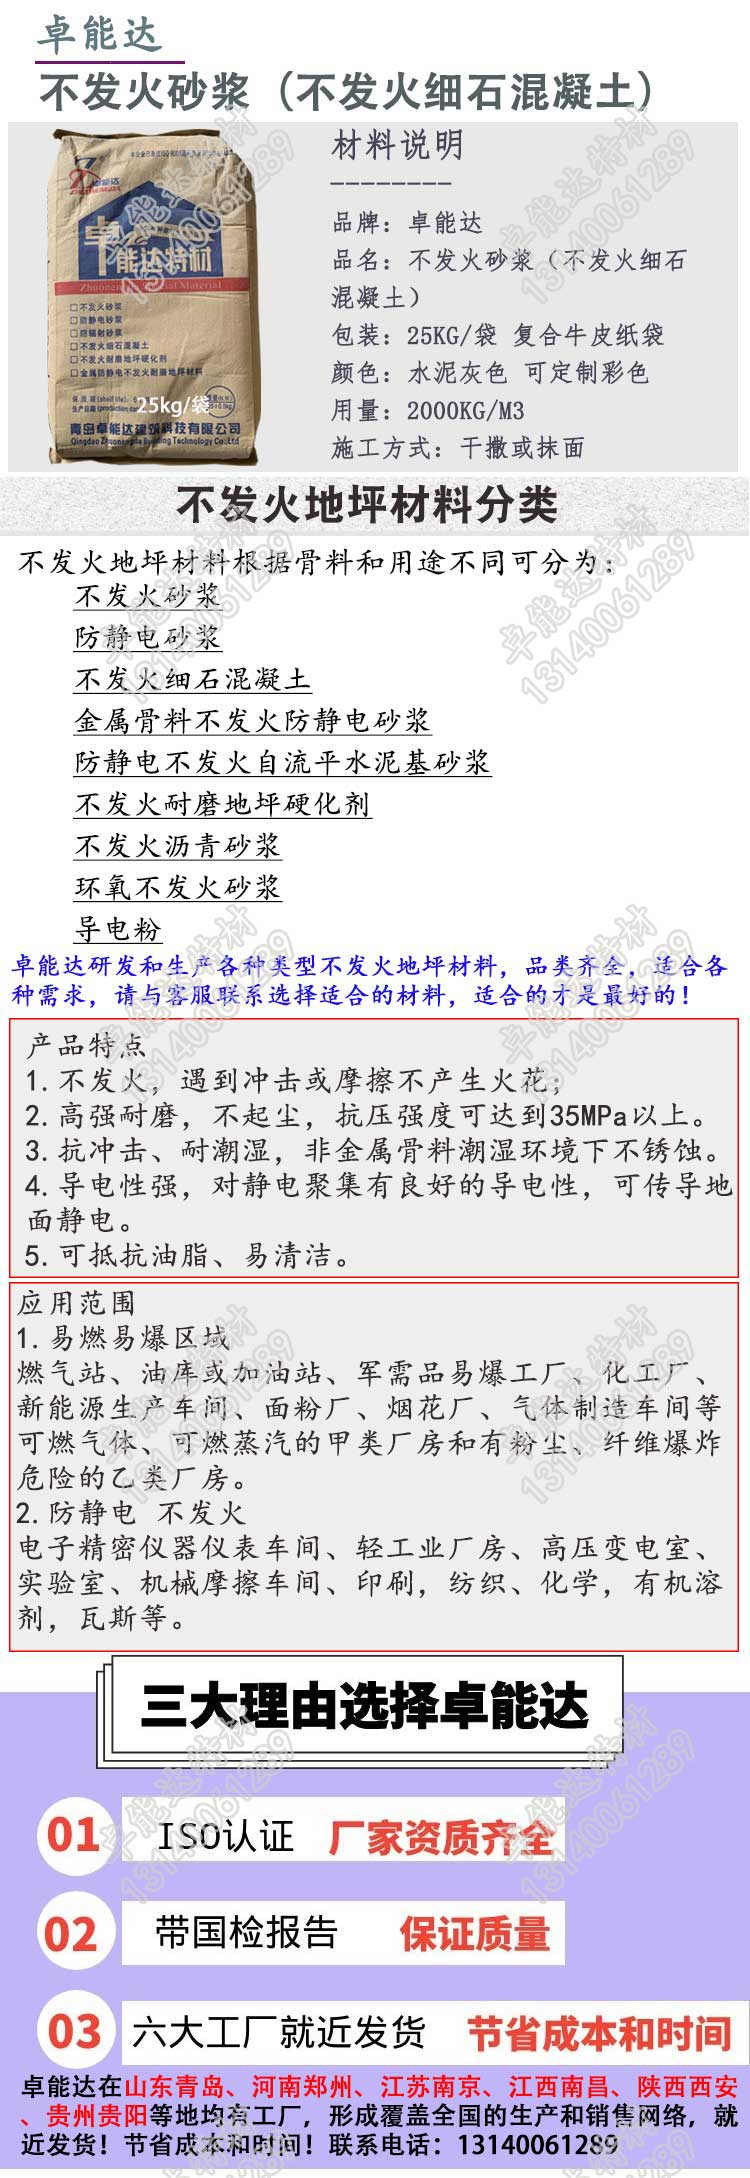 详情1-2.jpg